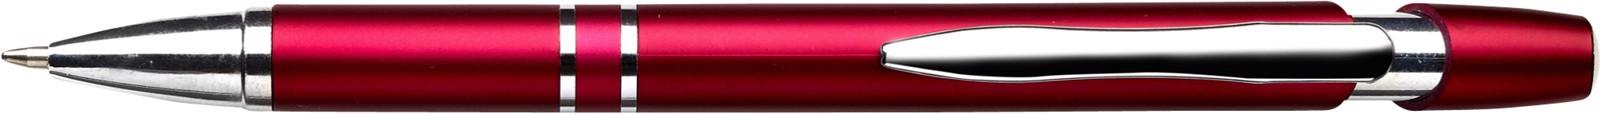 ABS ballpen - Red